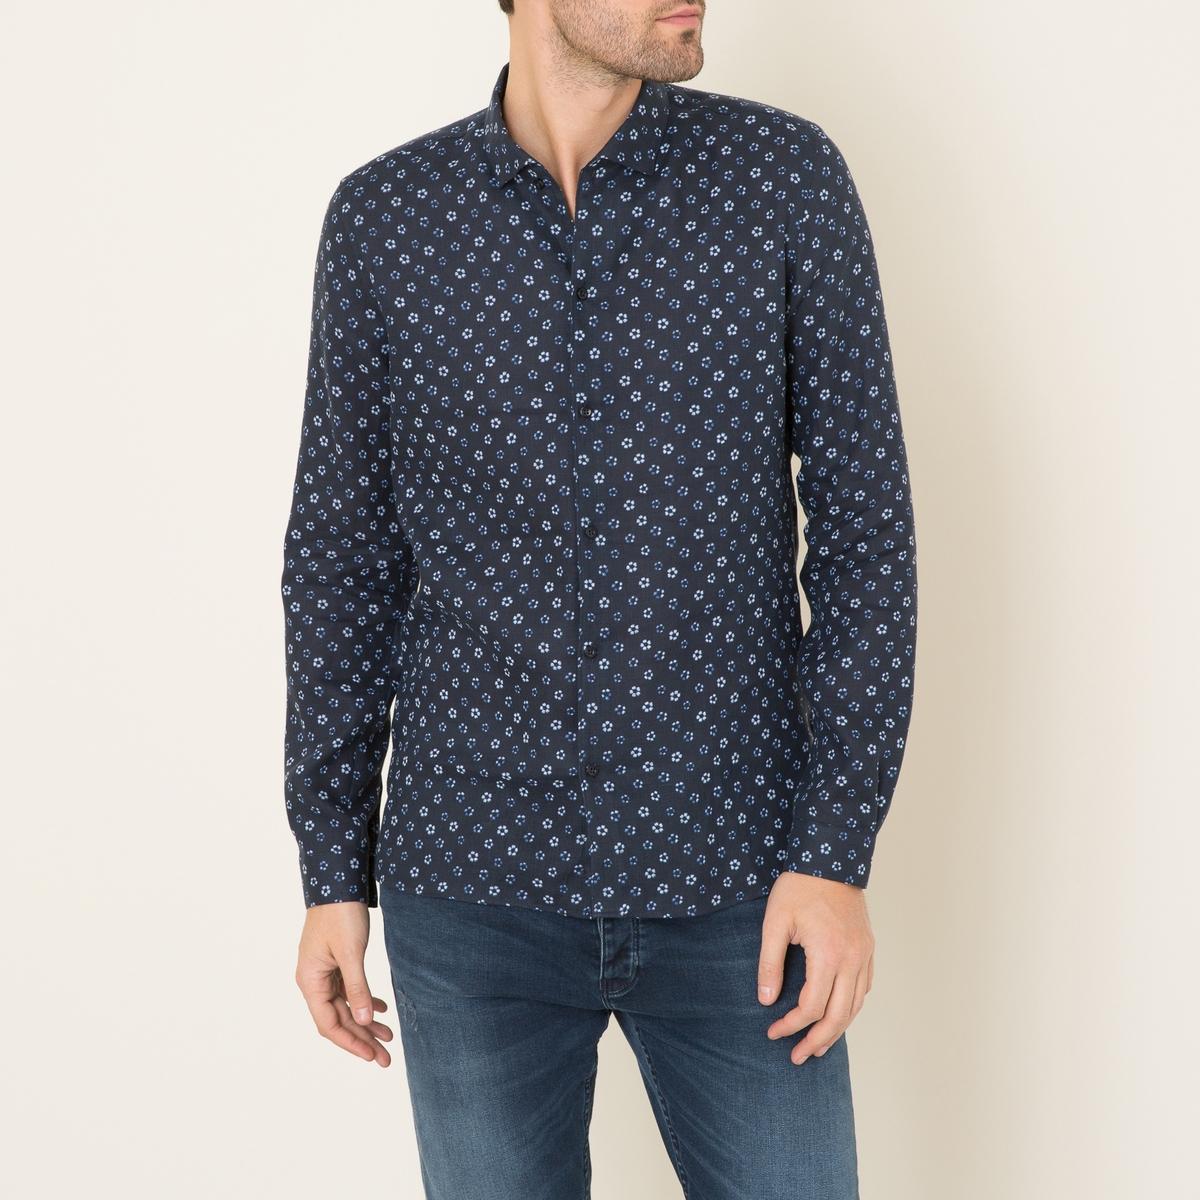 Рубашка узкая из льнаРубашка THE KOOPLES - узкий покрой со сплошным рисунком, 100% лен . Рубашечный воротник со свободными кончиками . Застежка на пуговицы. Длинные рукава, манжеты с застежкой на пуговицу. Шлицы по бокам .Состав и описание:    Материал : 100% лен   Марка : THE KOOPLES<br><br>Цвет: темно-синий<br>Размер: L